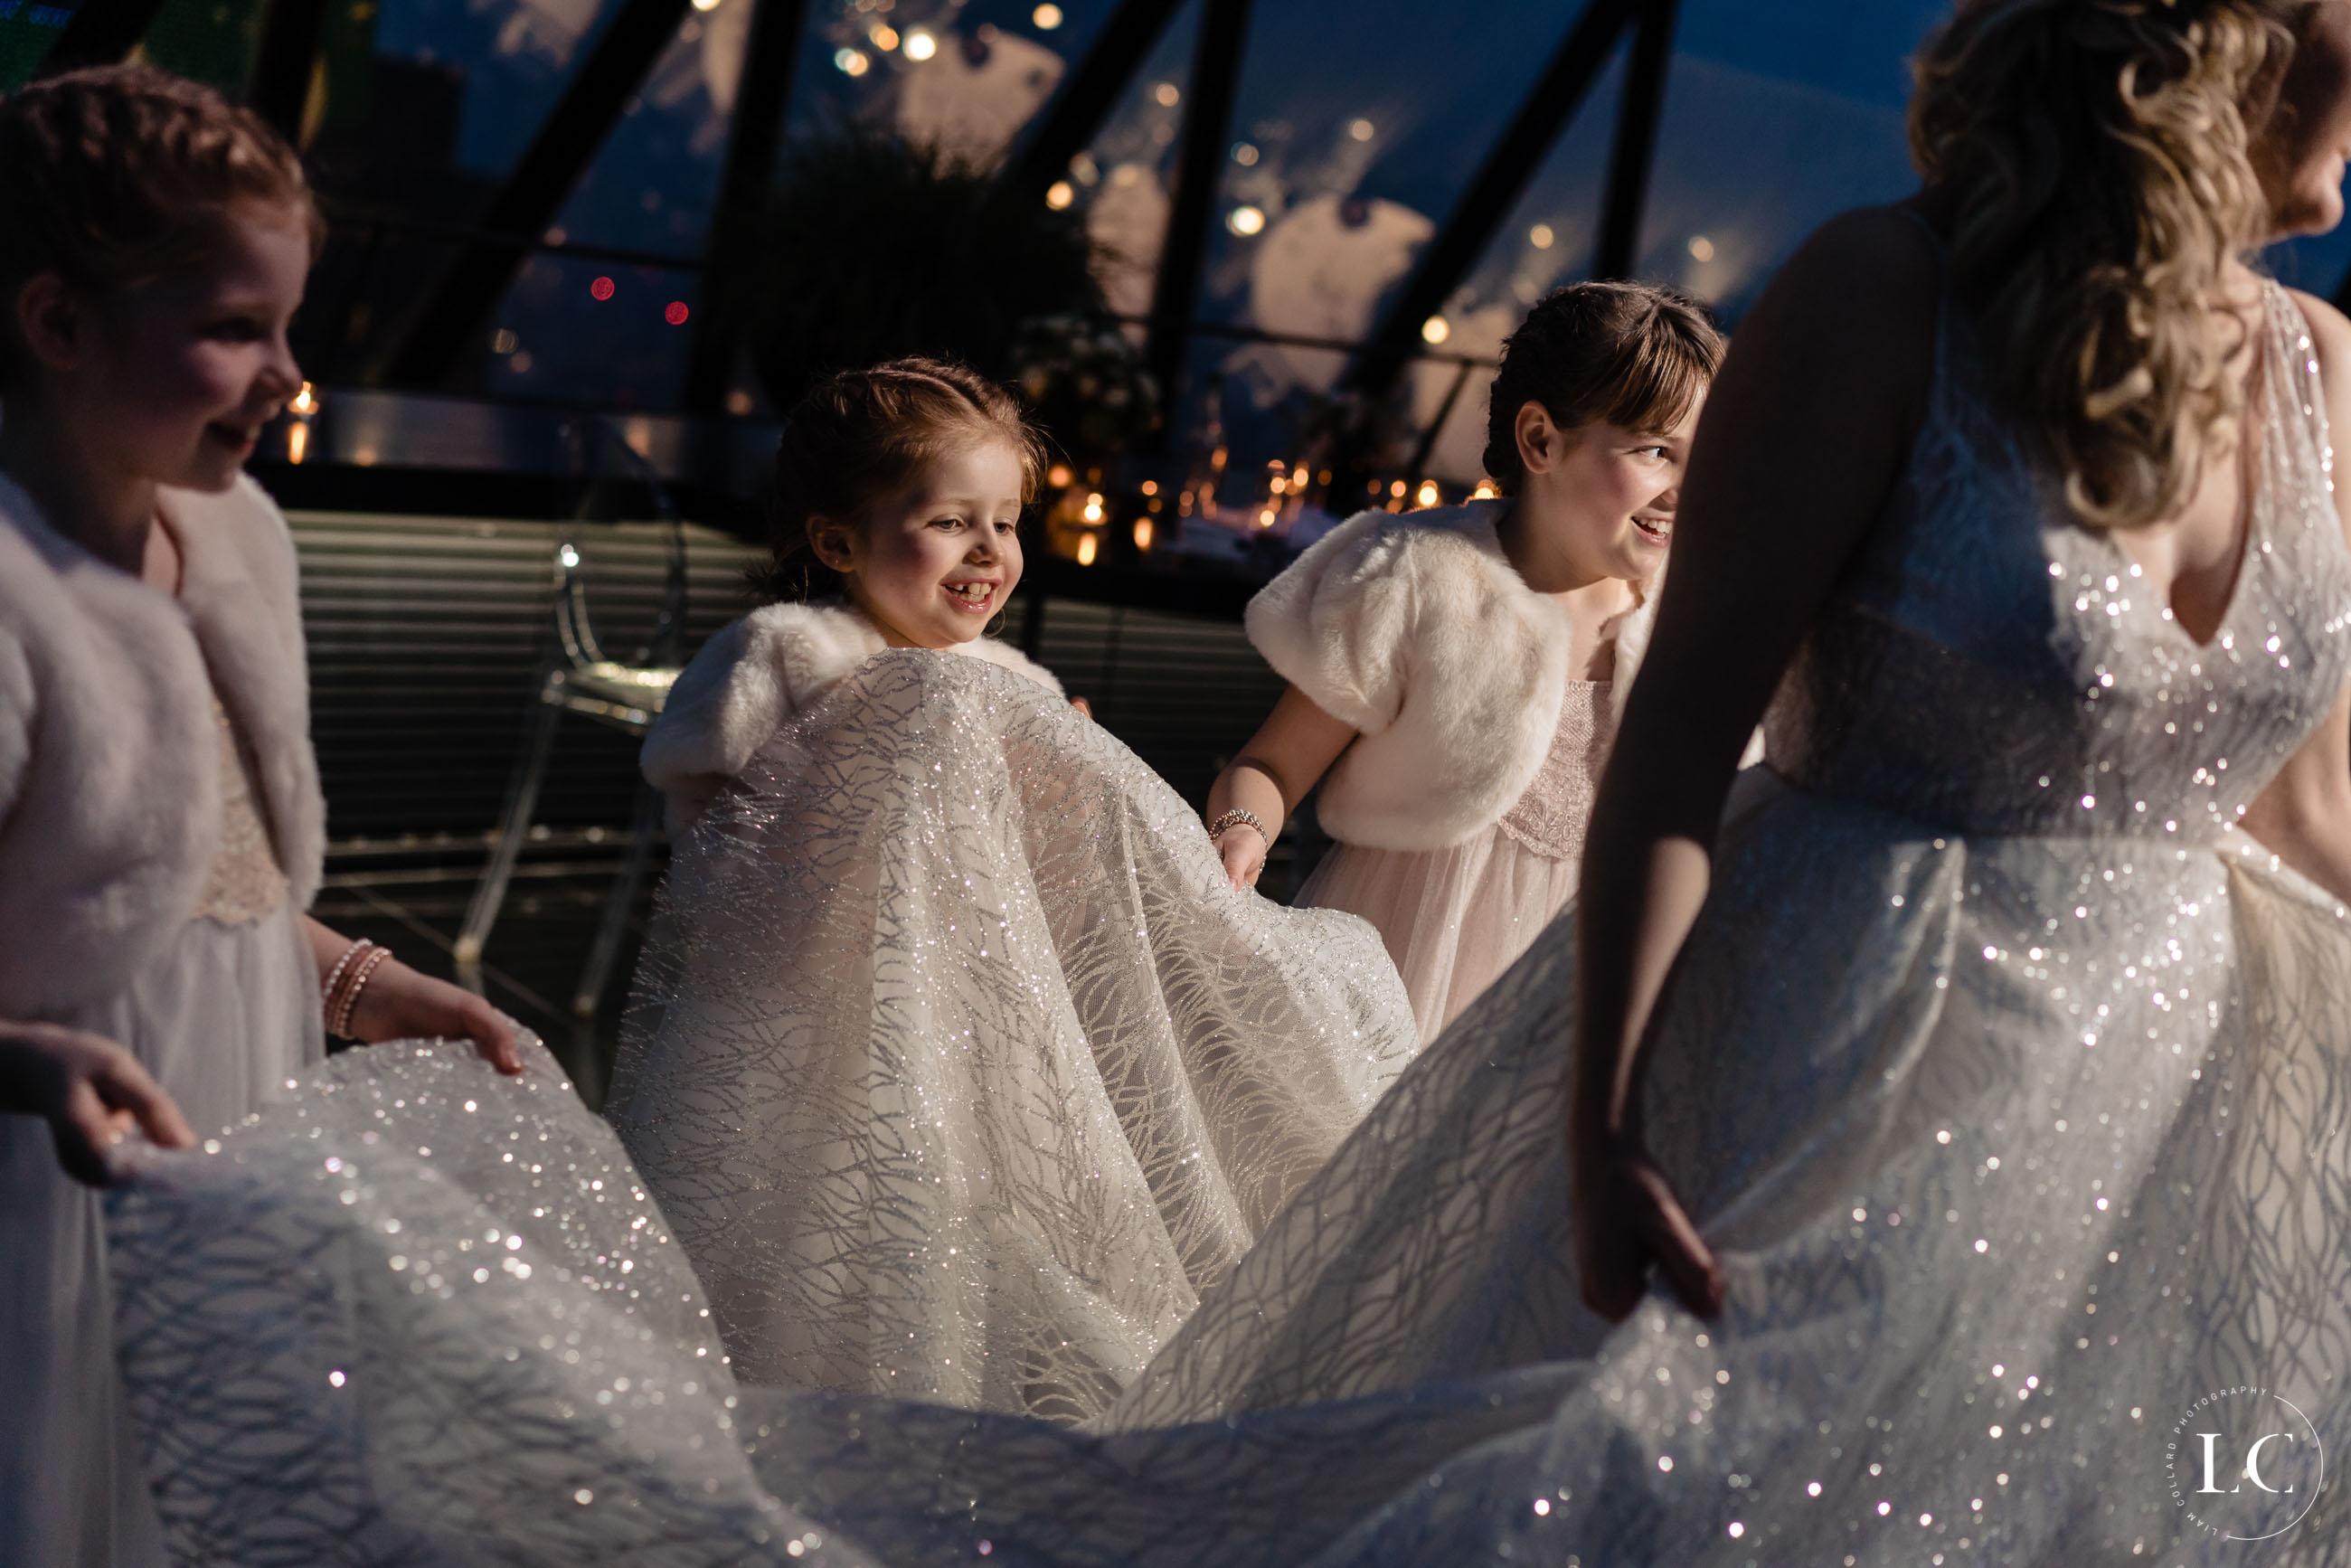 Child touching wedding dress